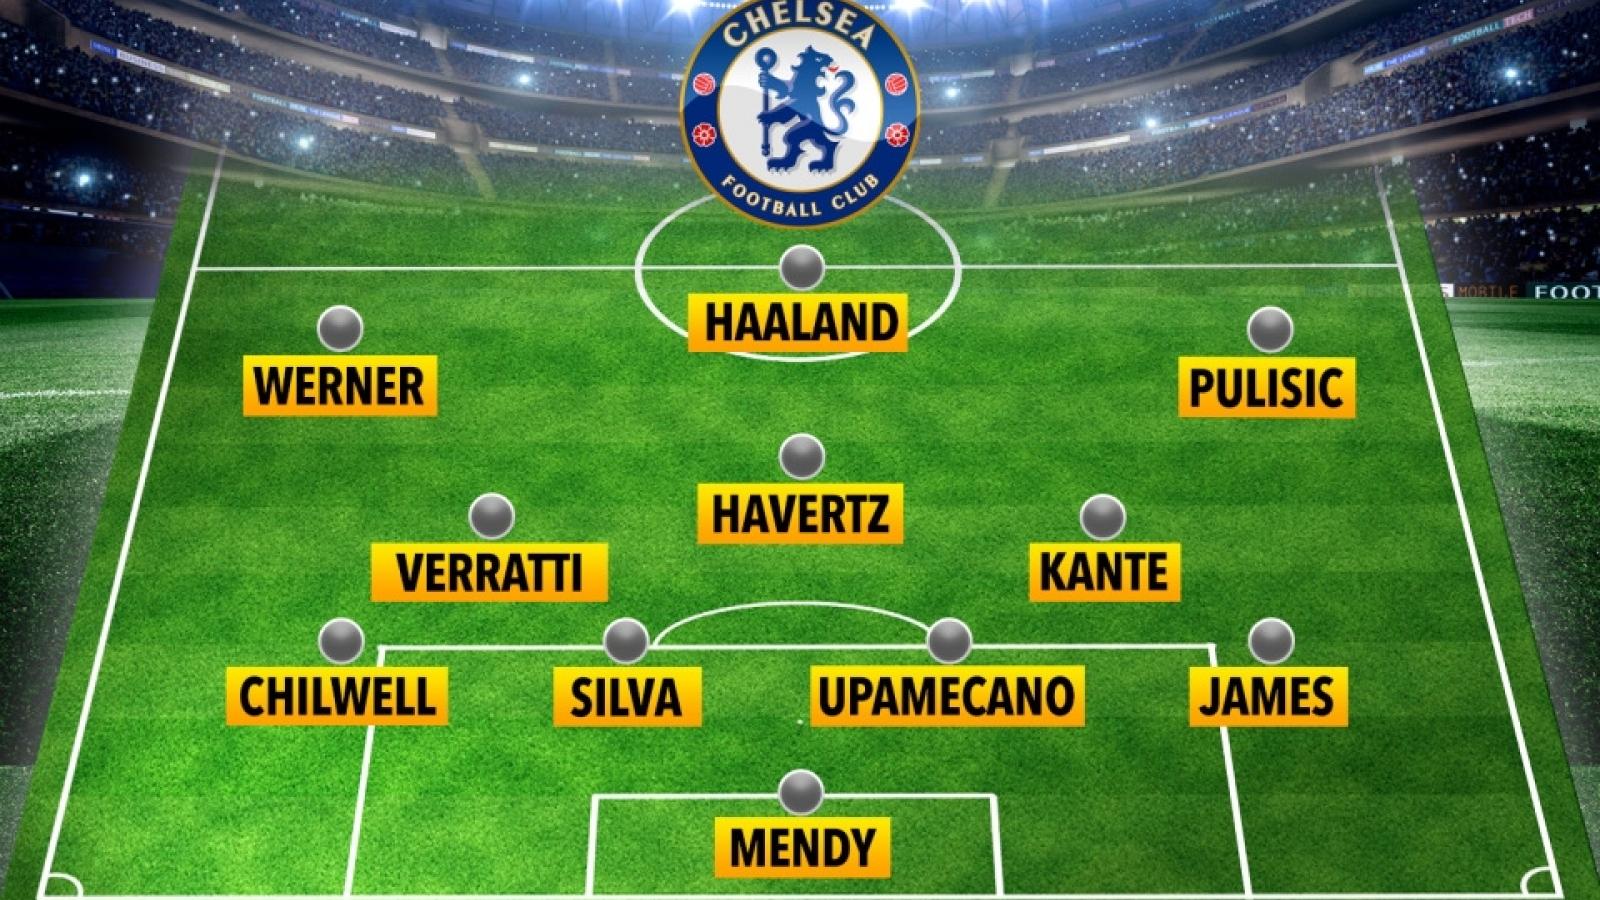 Đội hình đẹp như mơ sẽ giúp Chelsea vô địch Premier League cùng Thomas Tuchel?